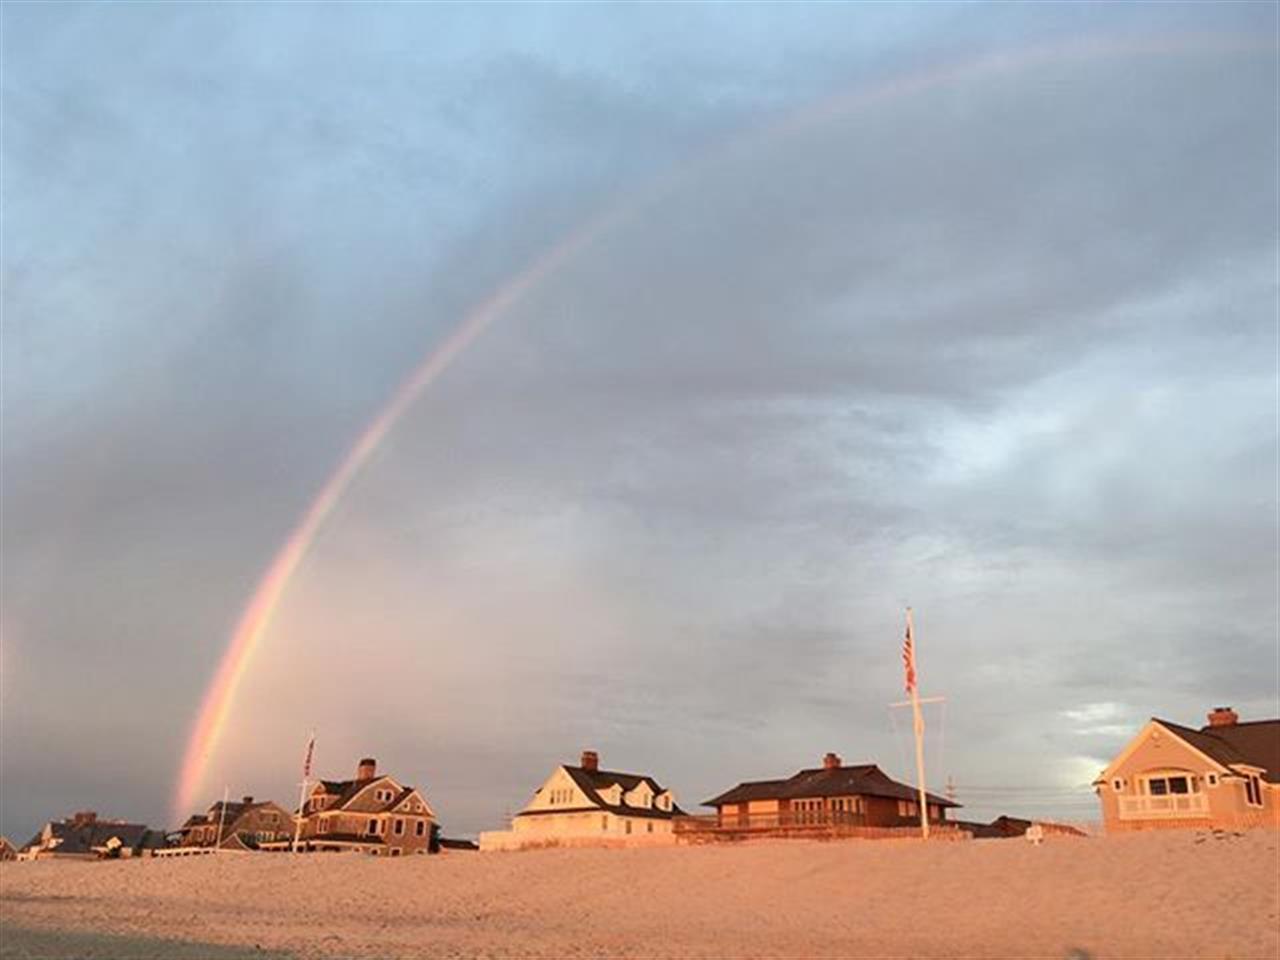 Rainbow over Mantoloking... #nj #rainbow #goodmorning #sunrise #jshn #leadingrelocal